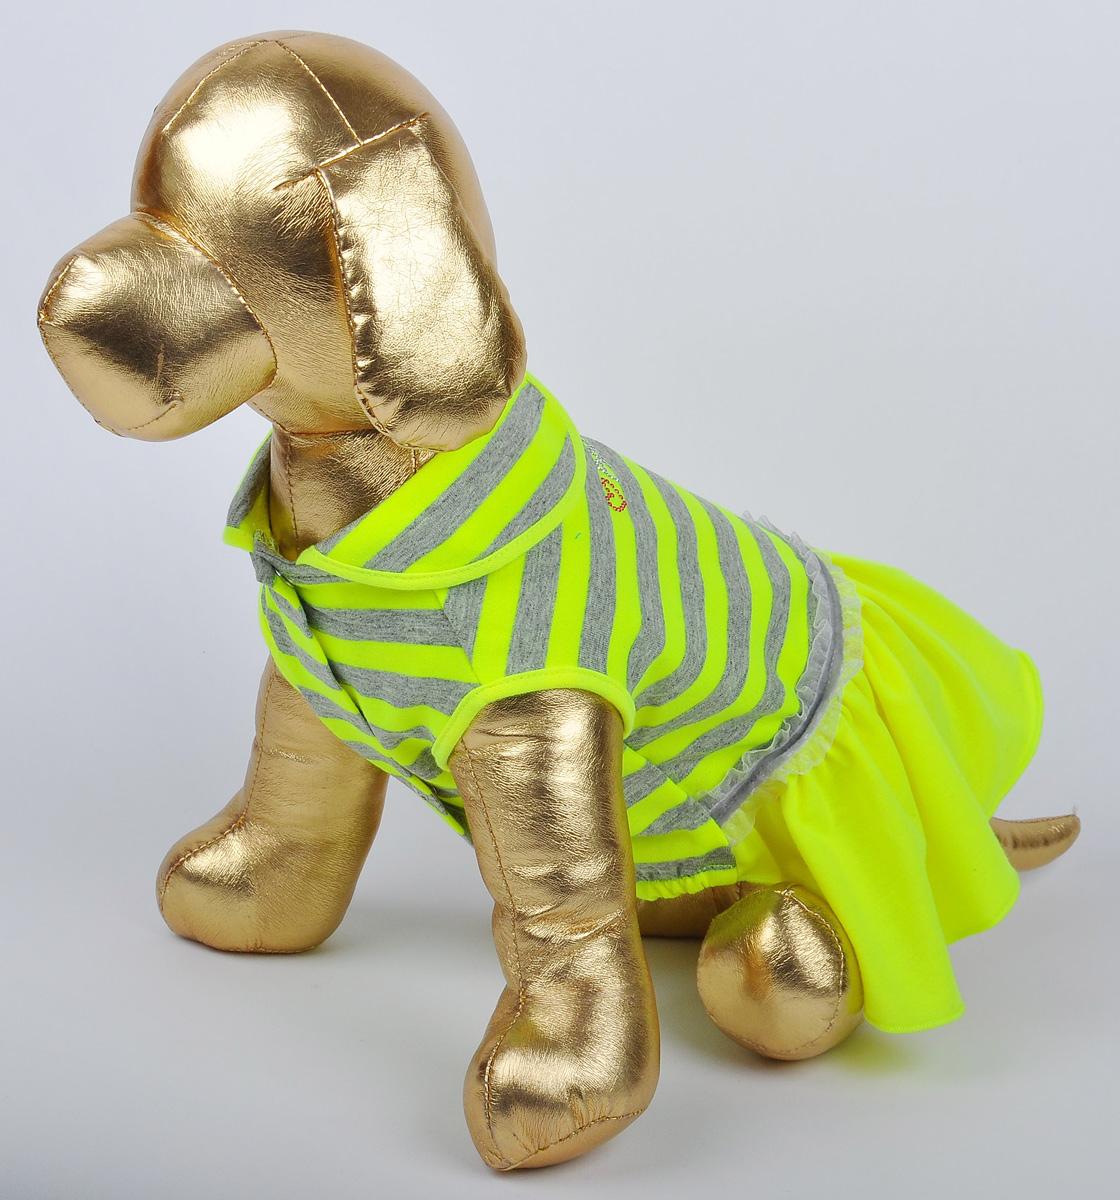 Платье для собак GLG Фэшн Ультра, цвет: желтый. Размер L0120710Платье для собак Фэшн Ультра, цвет желтый, материал- вискоза х/б, размер-L, длина спины28-30см, объем груди-43-45см.